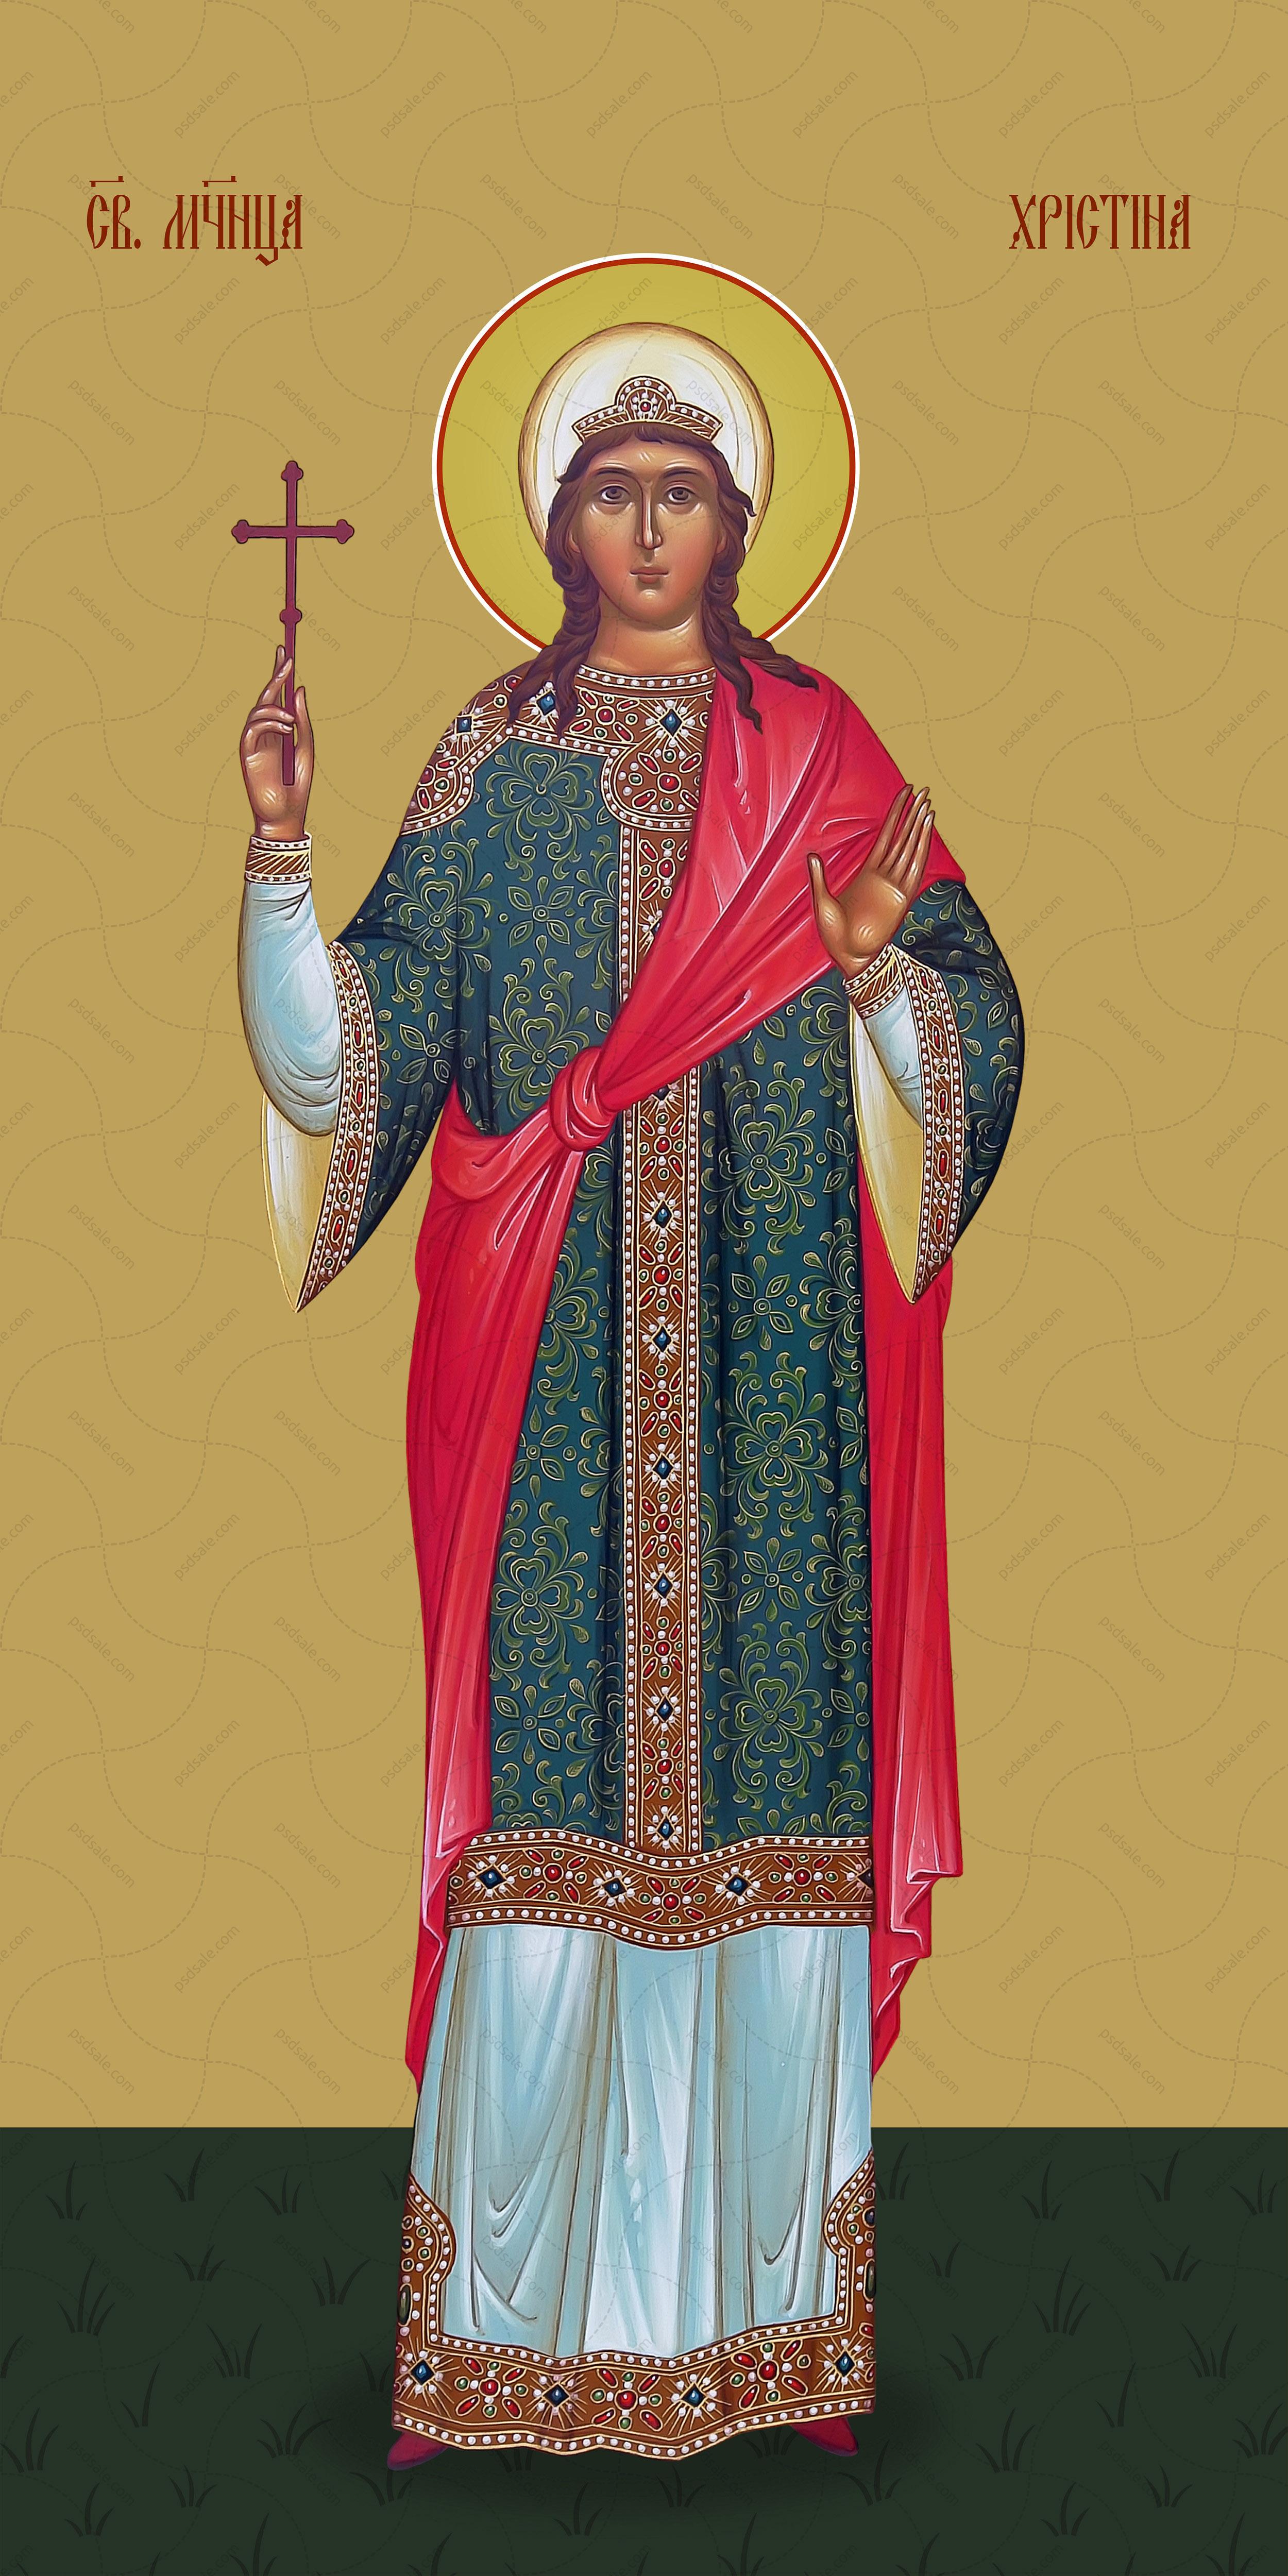 Мерная икона, Христина Тирская, мученица